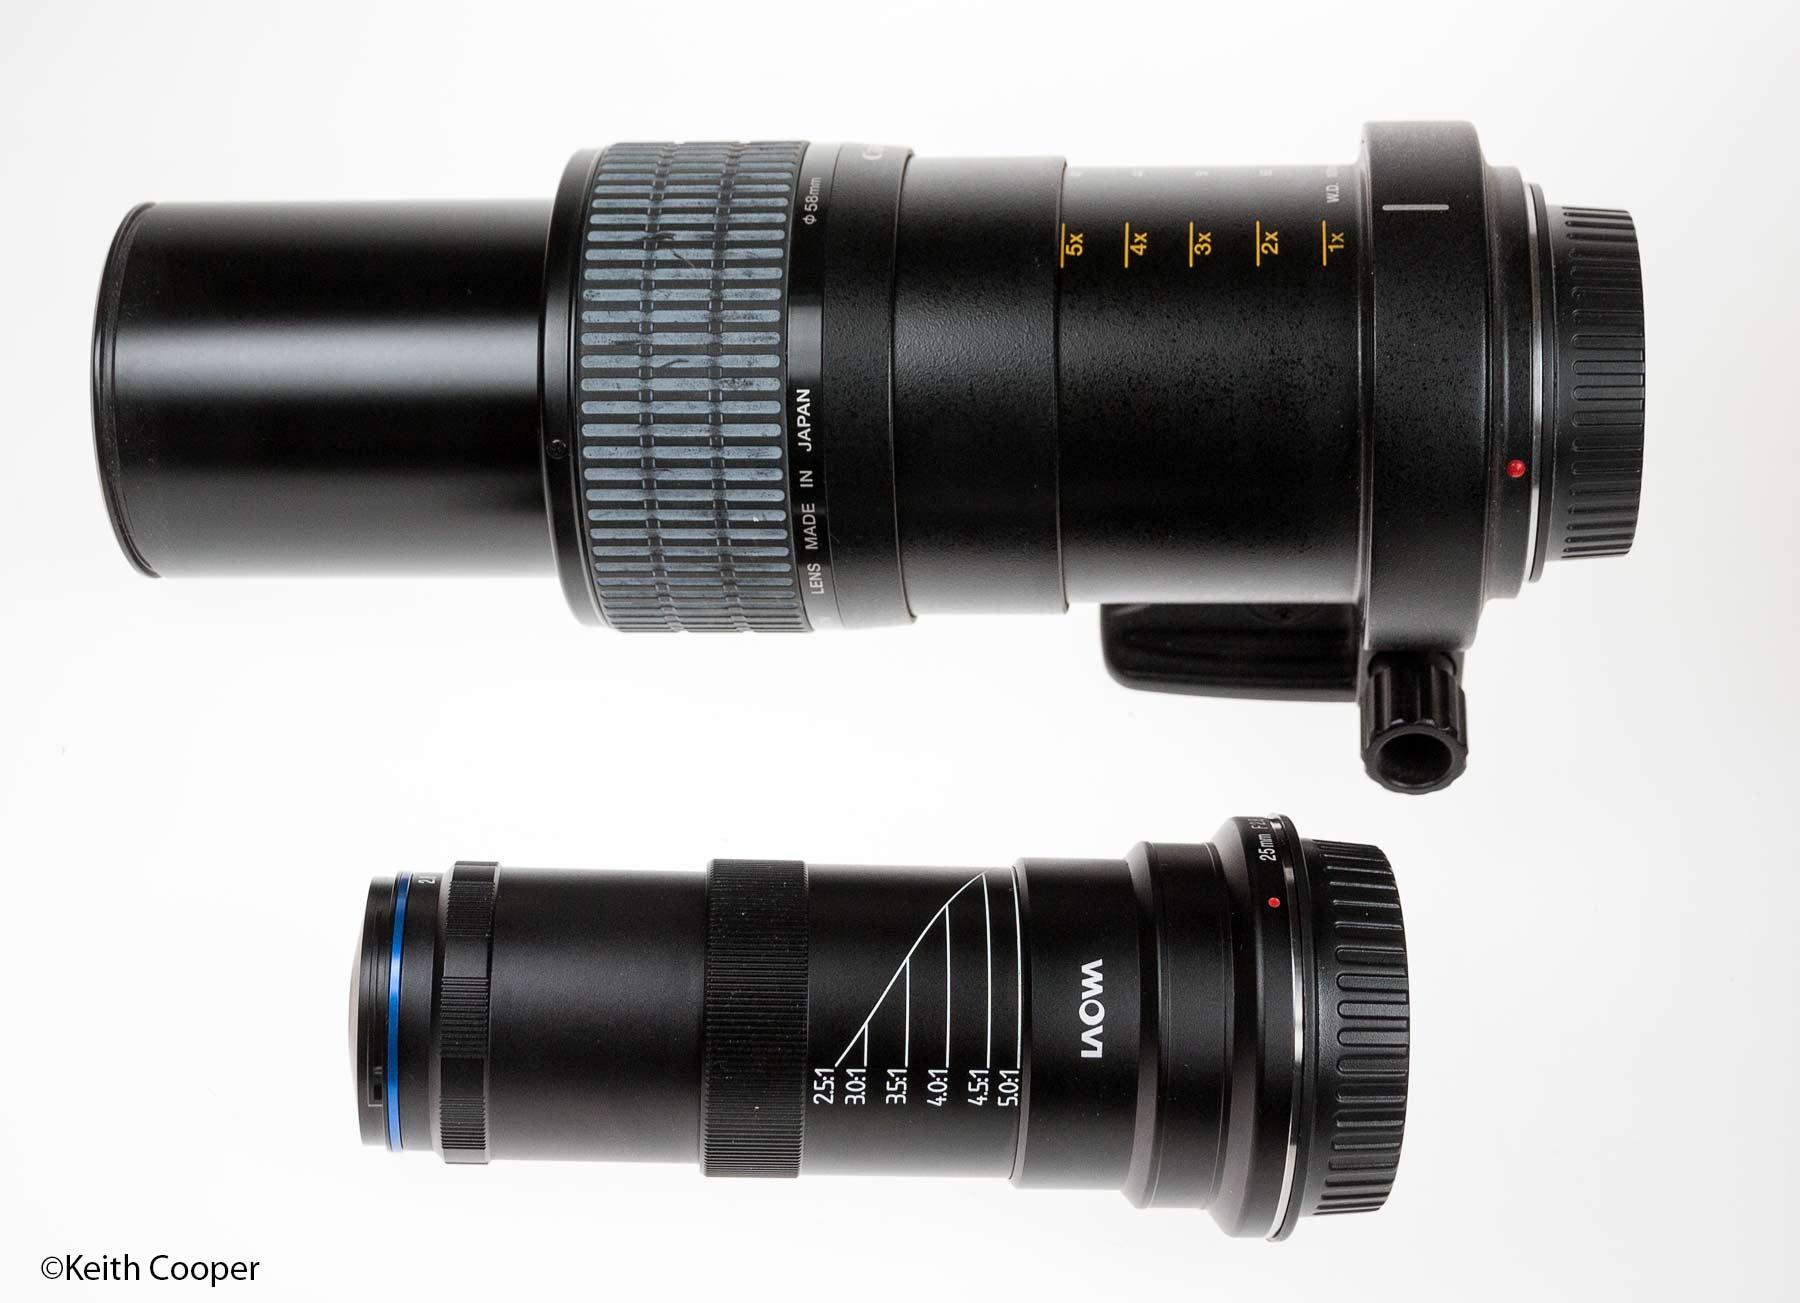 extended lens comparison